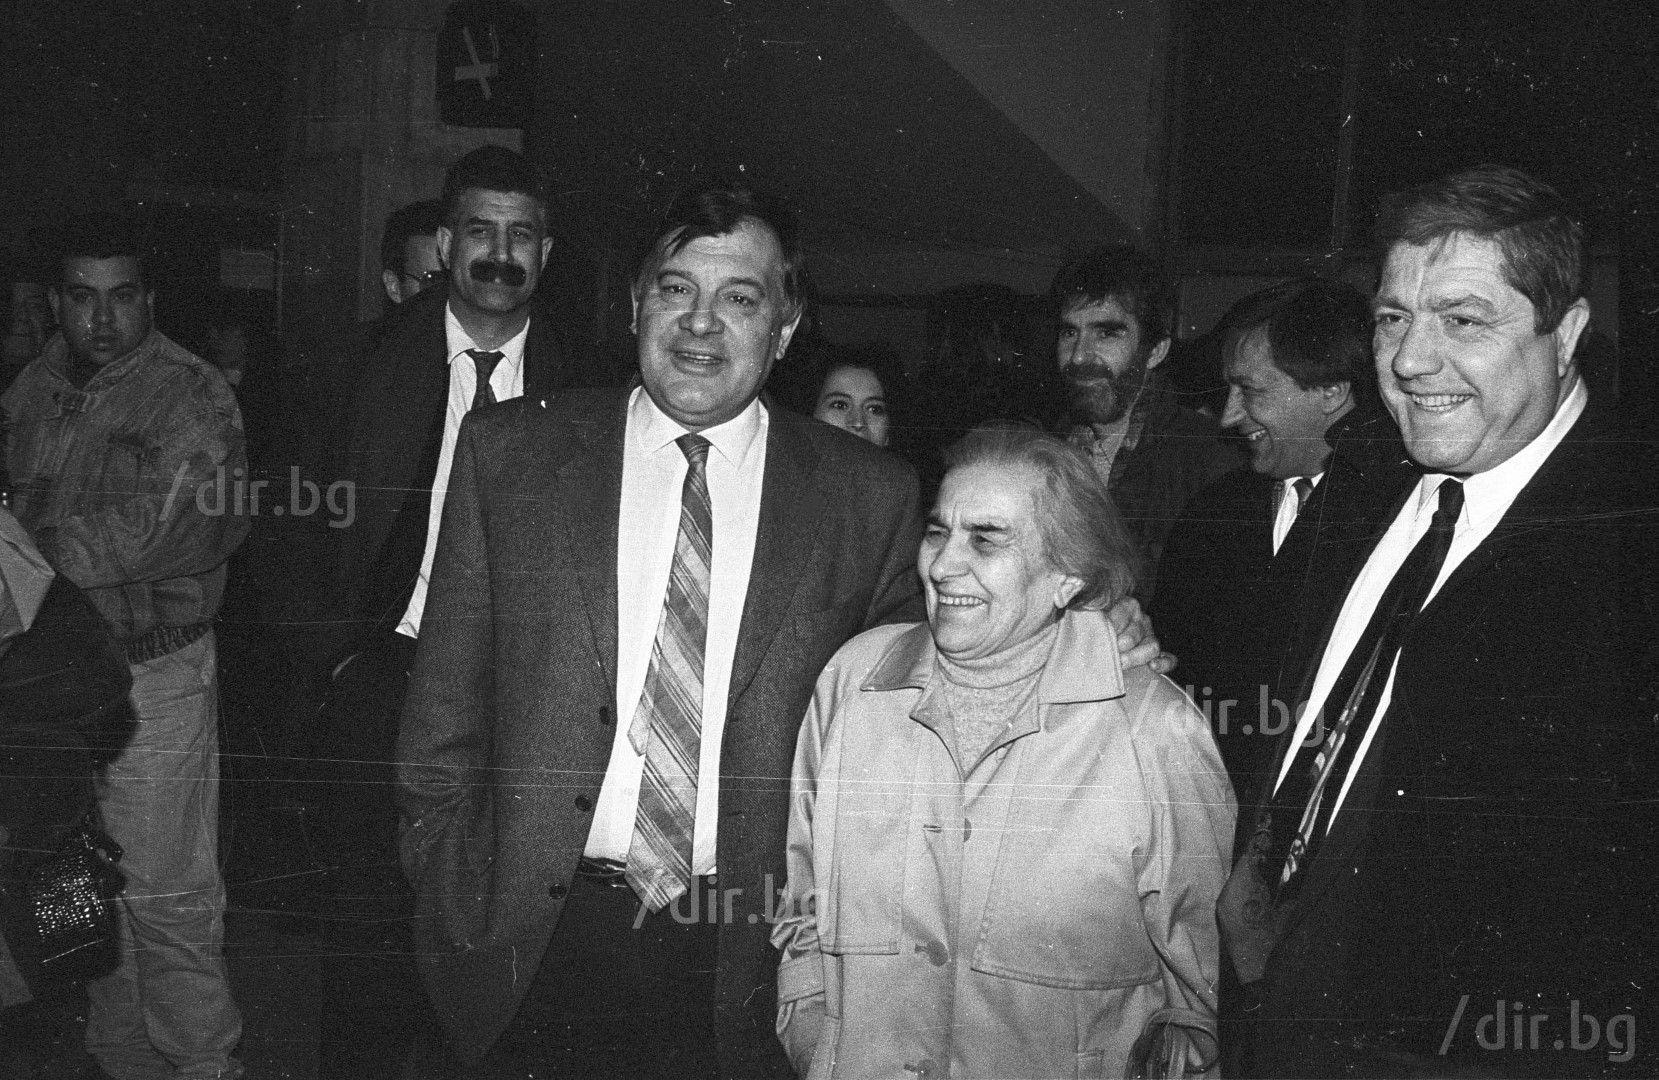 С майка си на делото за незаконното оръжие, 1996 г.  / Снимка: Иван Григоров /